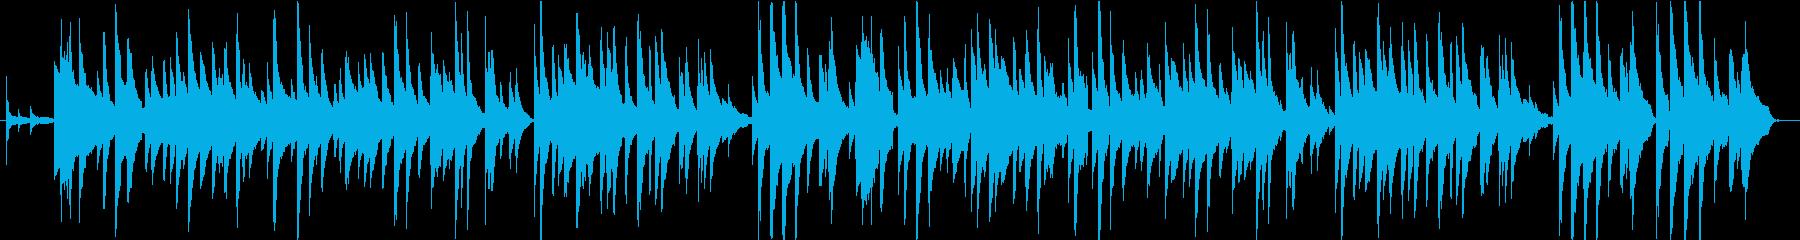 ピアノとベースとアコースティックギターの再生済みの波形